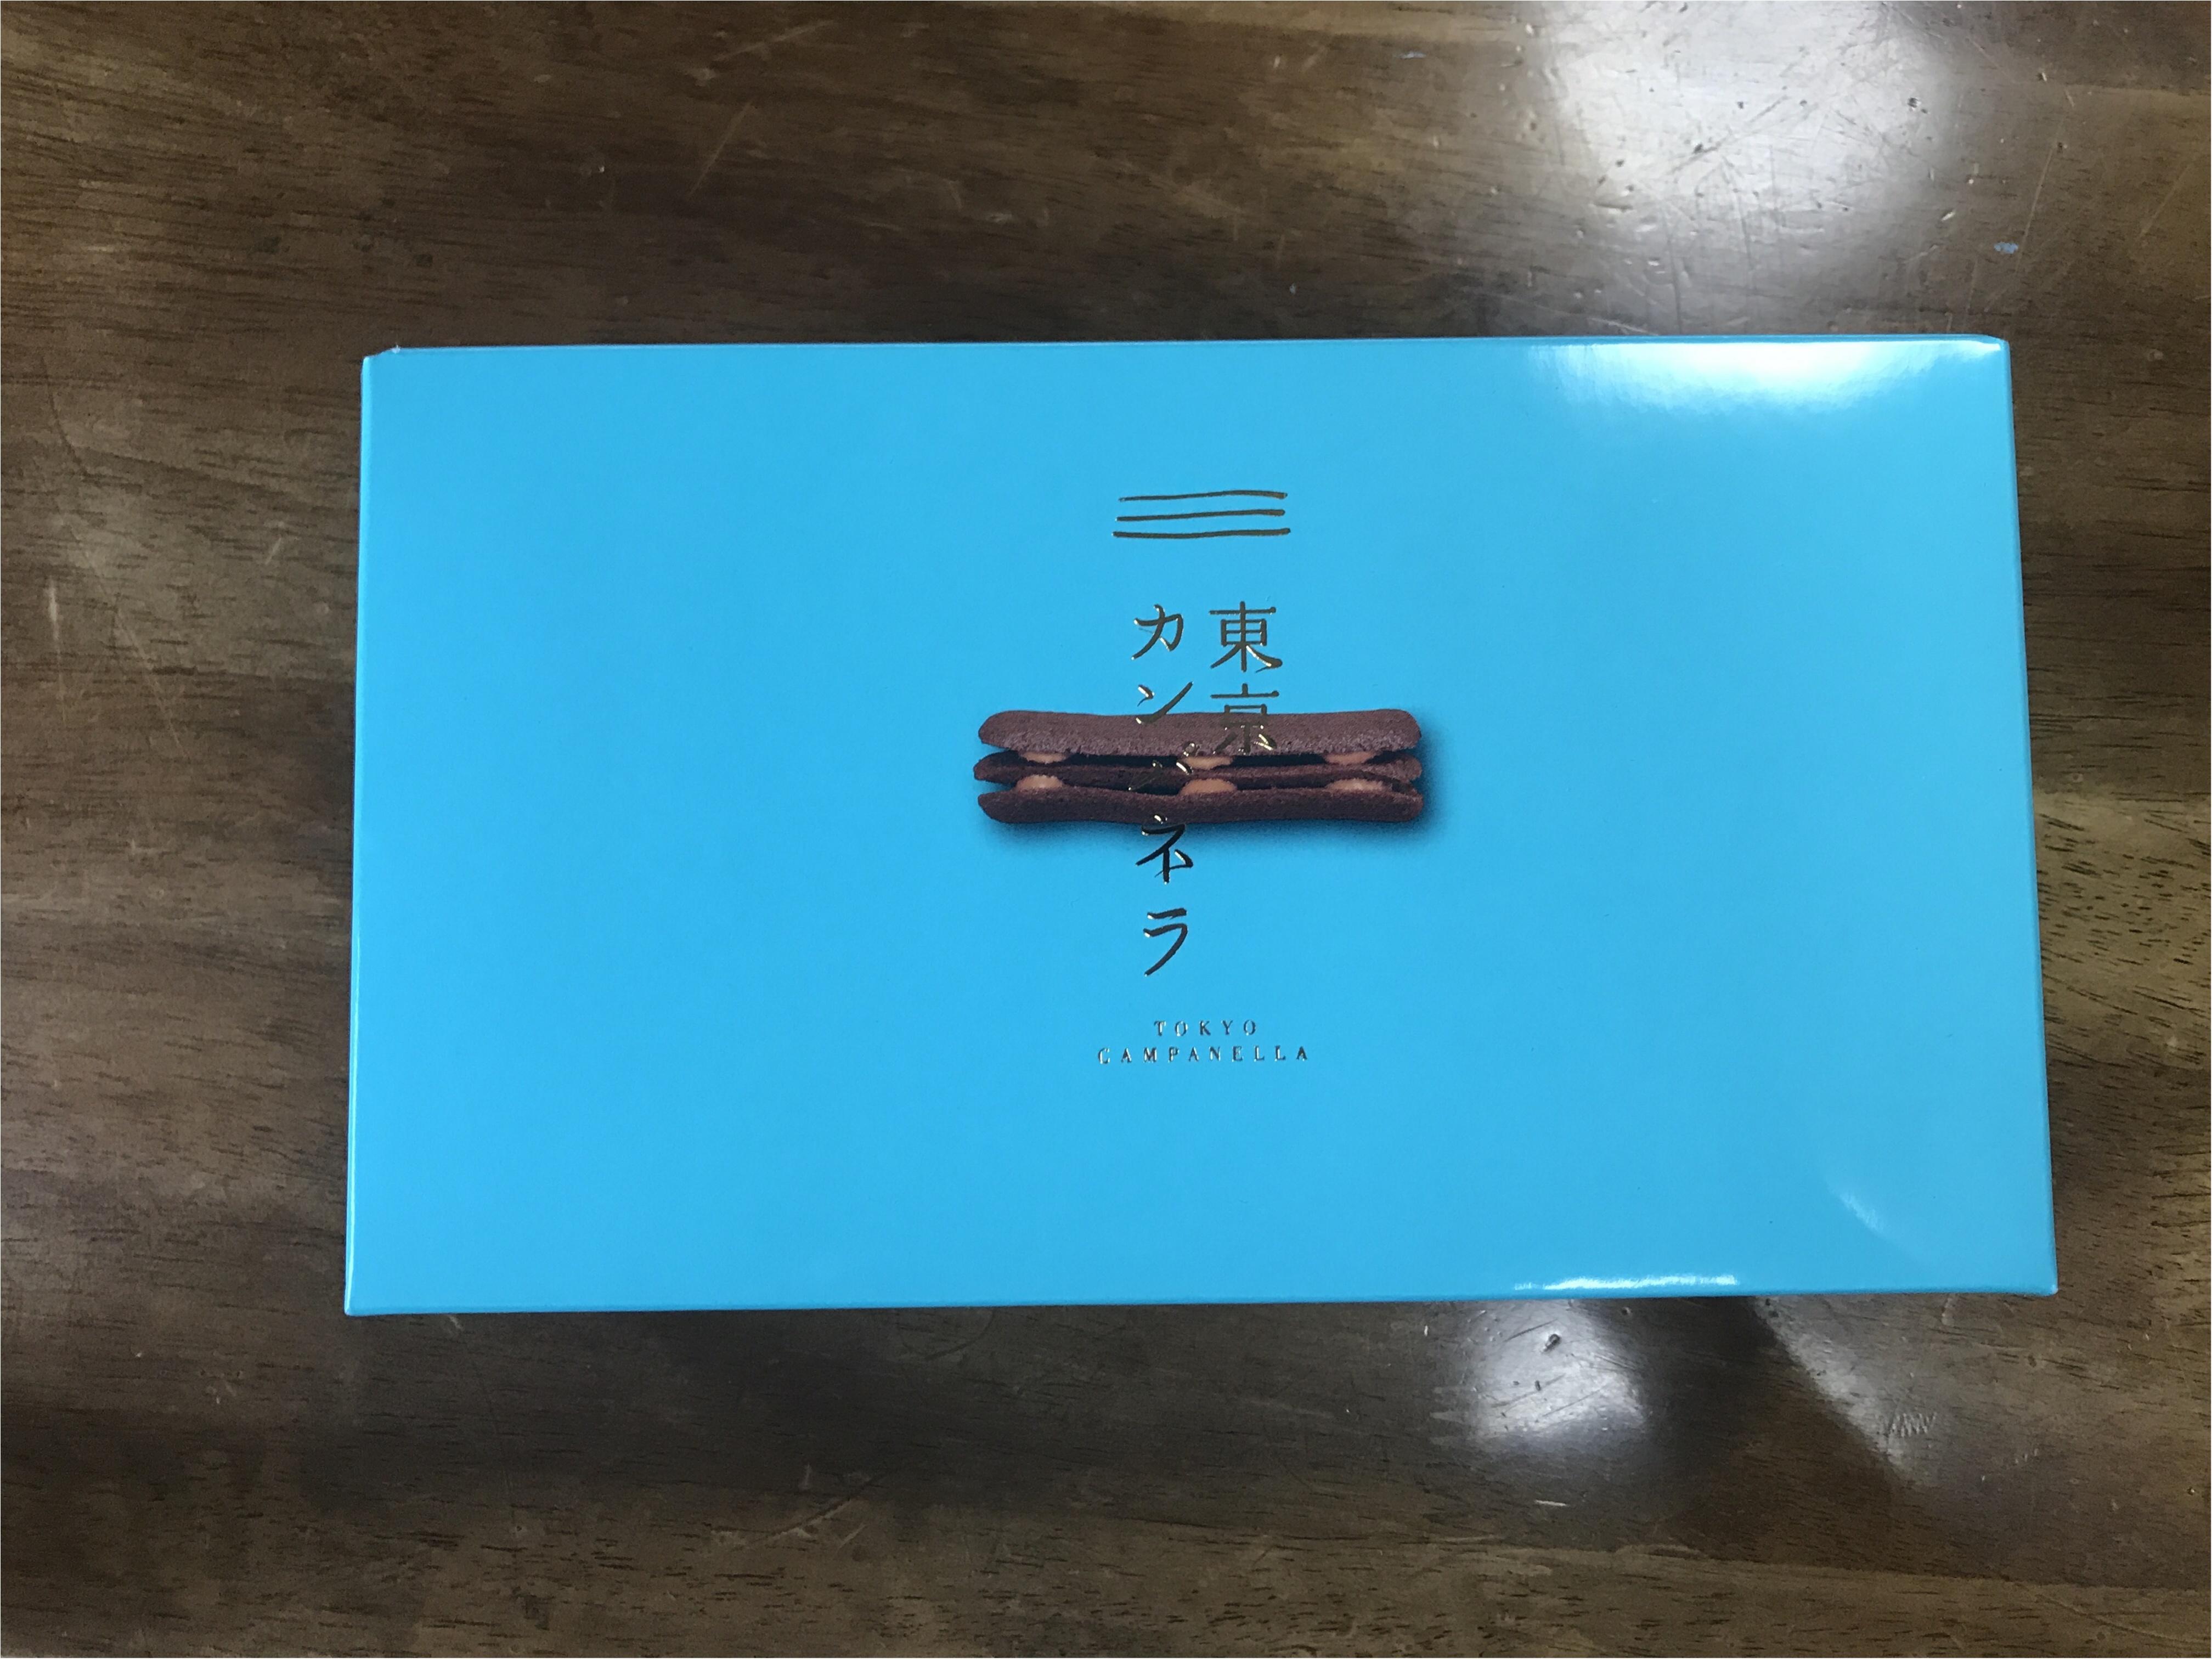 【帰省土産におすすめ!】今だけ限定の東京バナナ新登場★_4